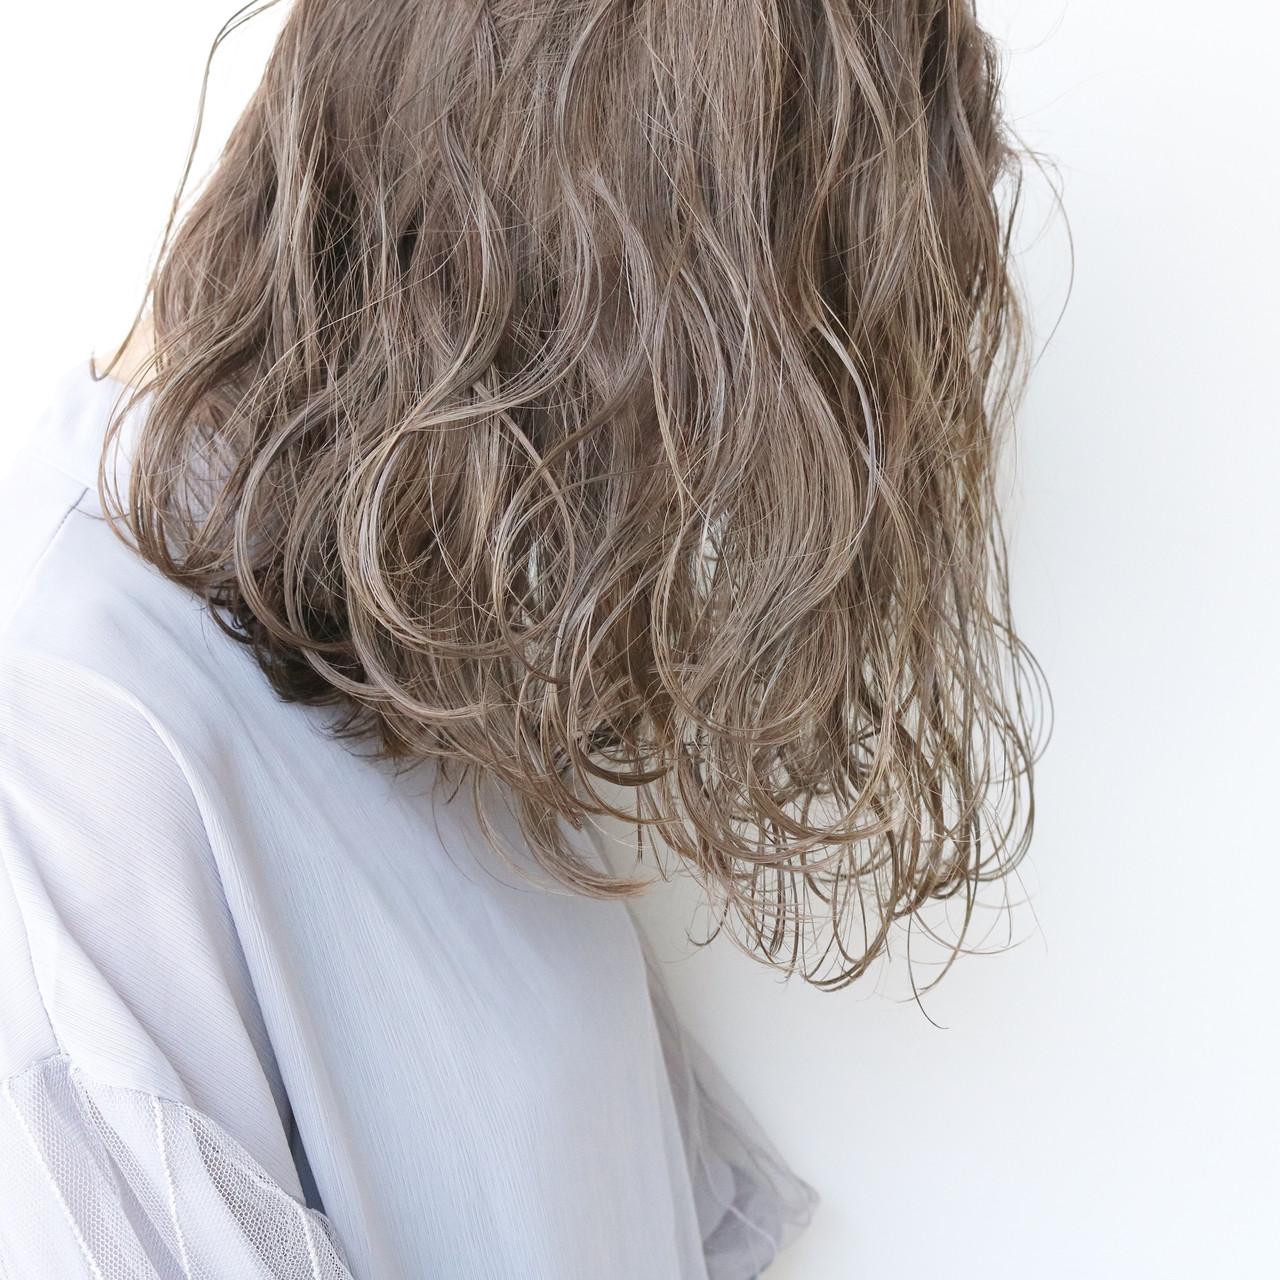 大人かわいい ツヤ髪 ミルクティーベージュ ナチュラル ヘアスタイルや髪型の写真・画像